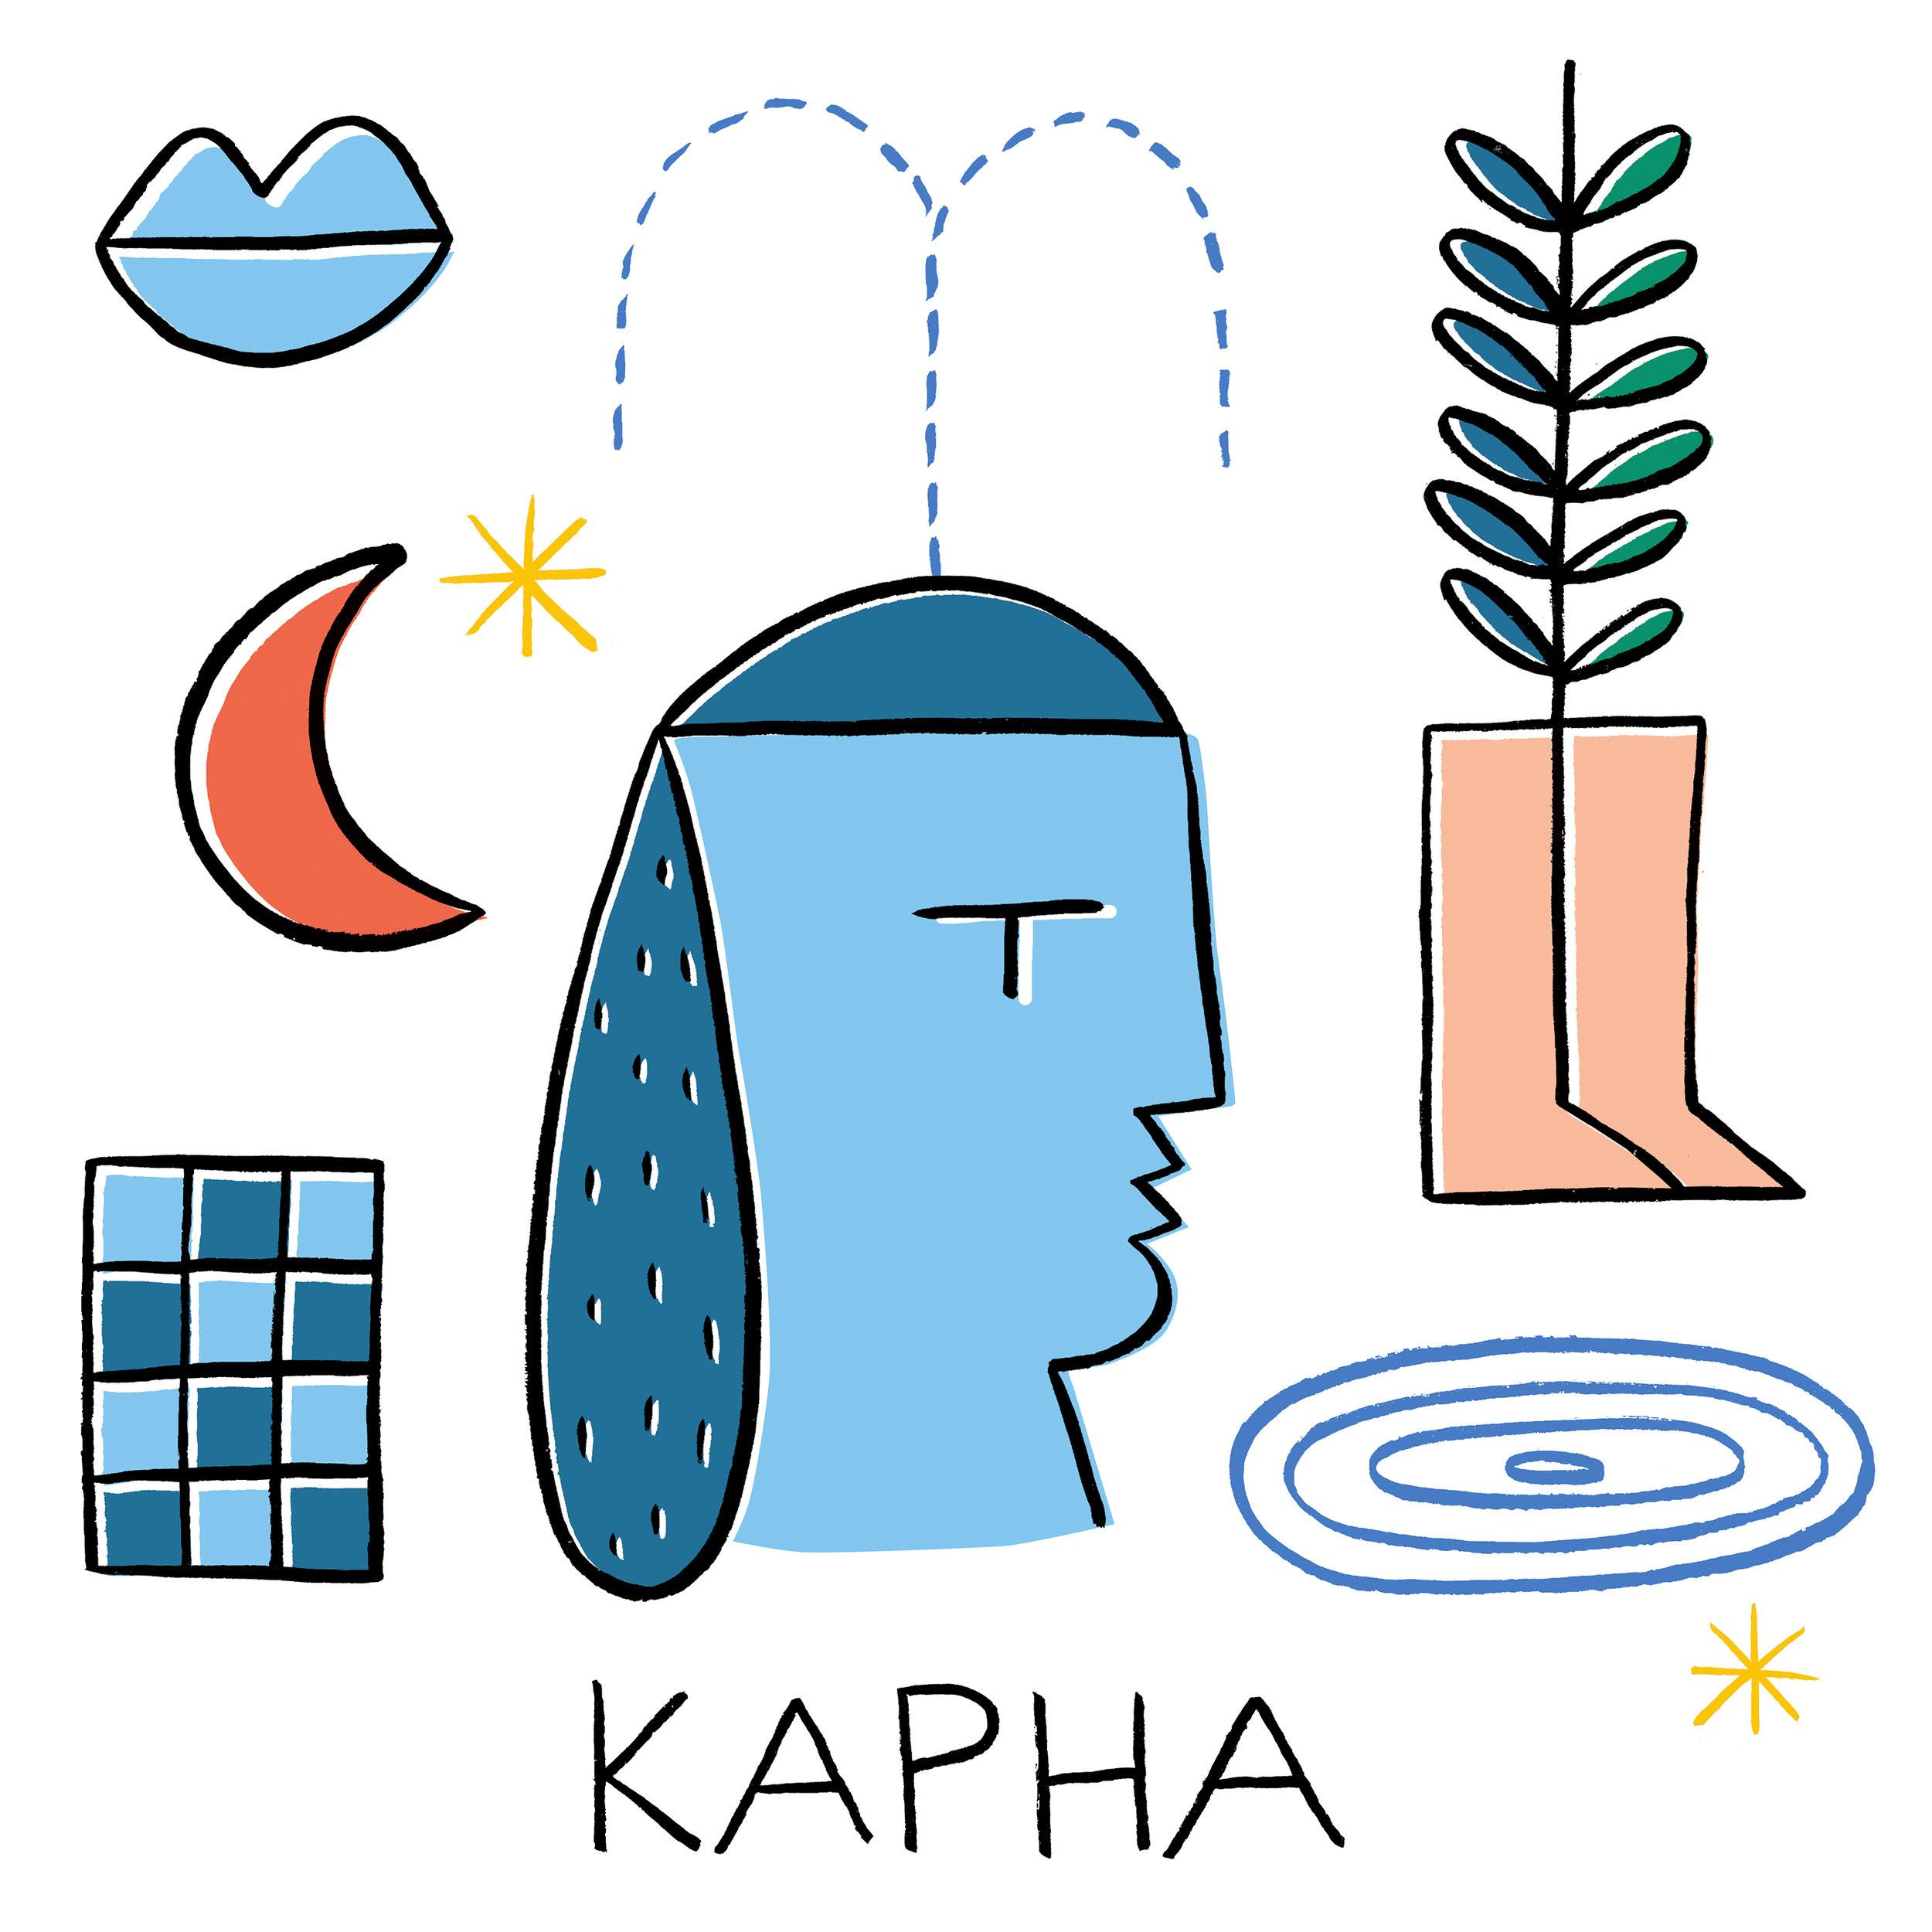 kapha_insta.jpg